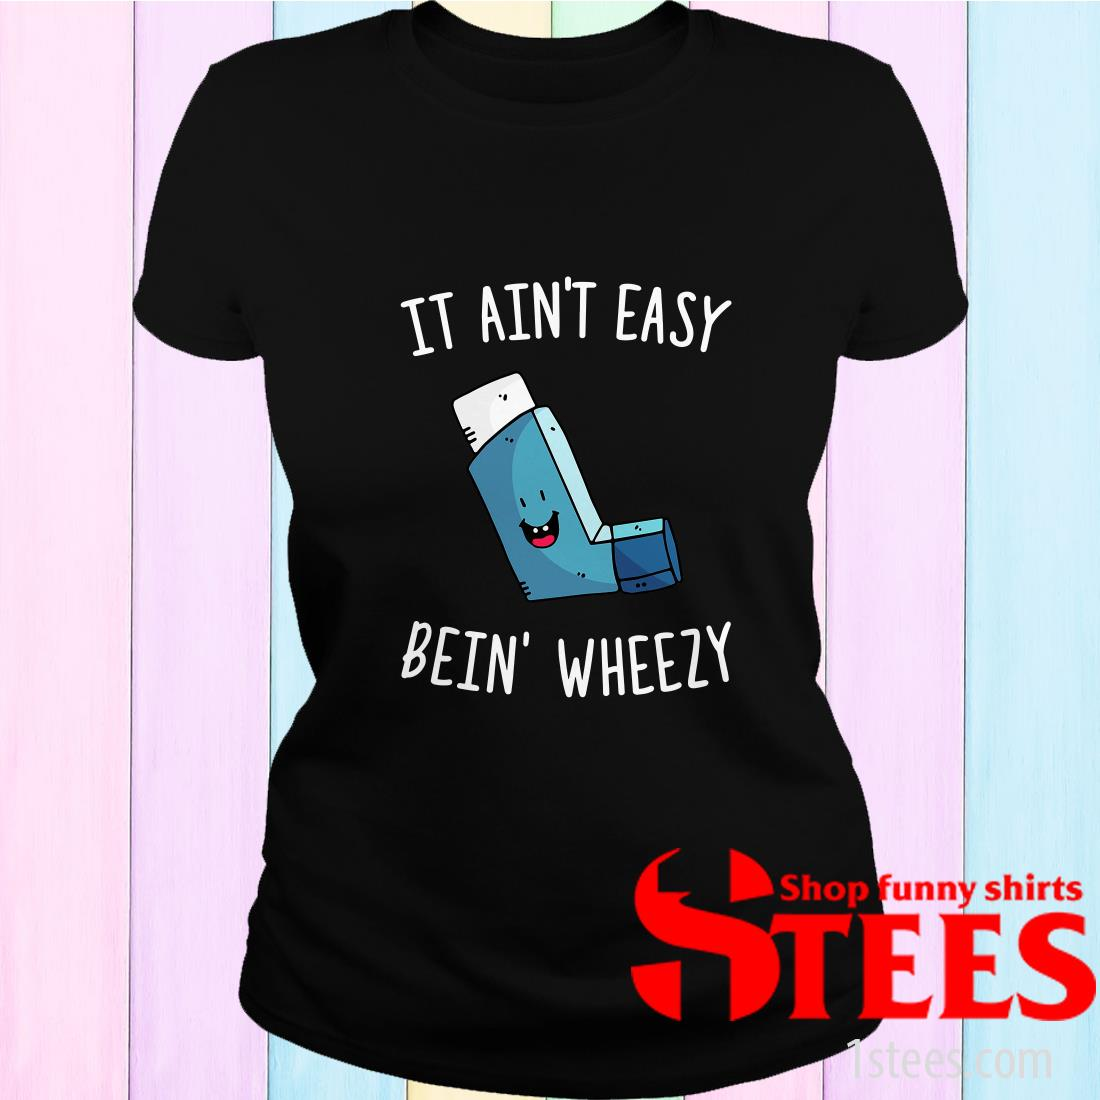 It Ain't Easy Bein' Wheezy Women's T-Shirt